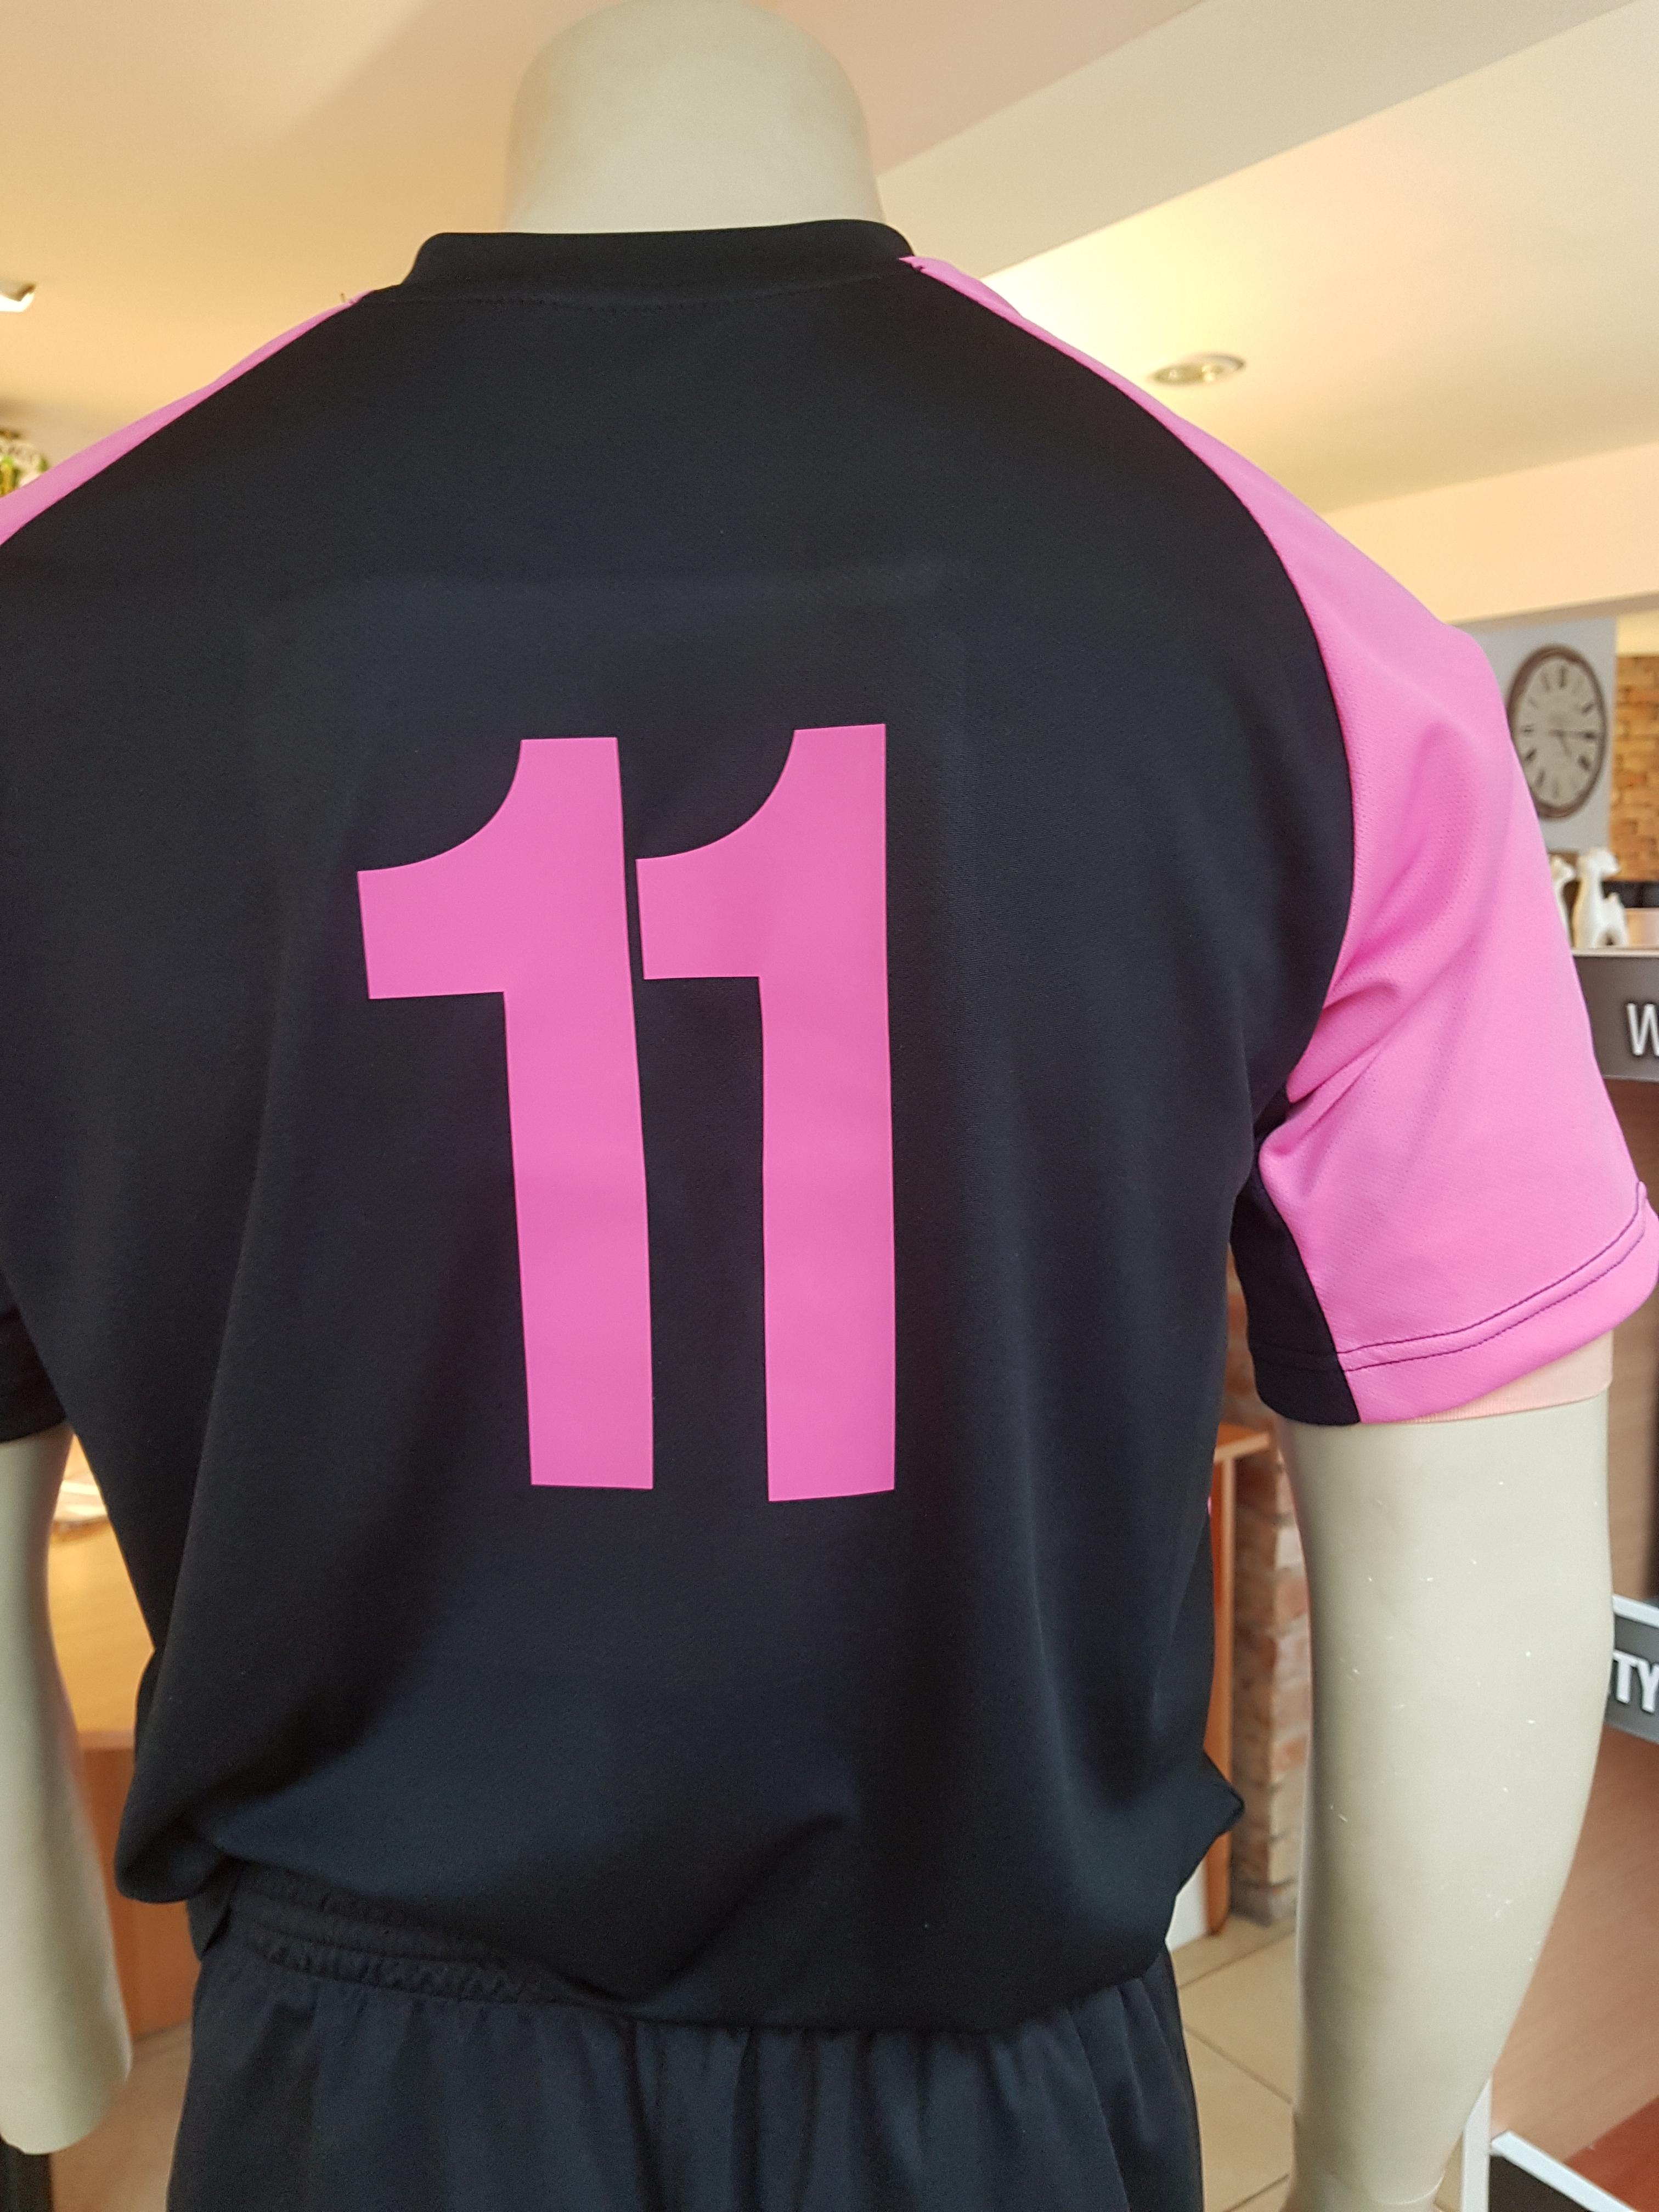 nadruk numer rozowy flexem na tyle koszulki Modero Perso